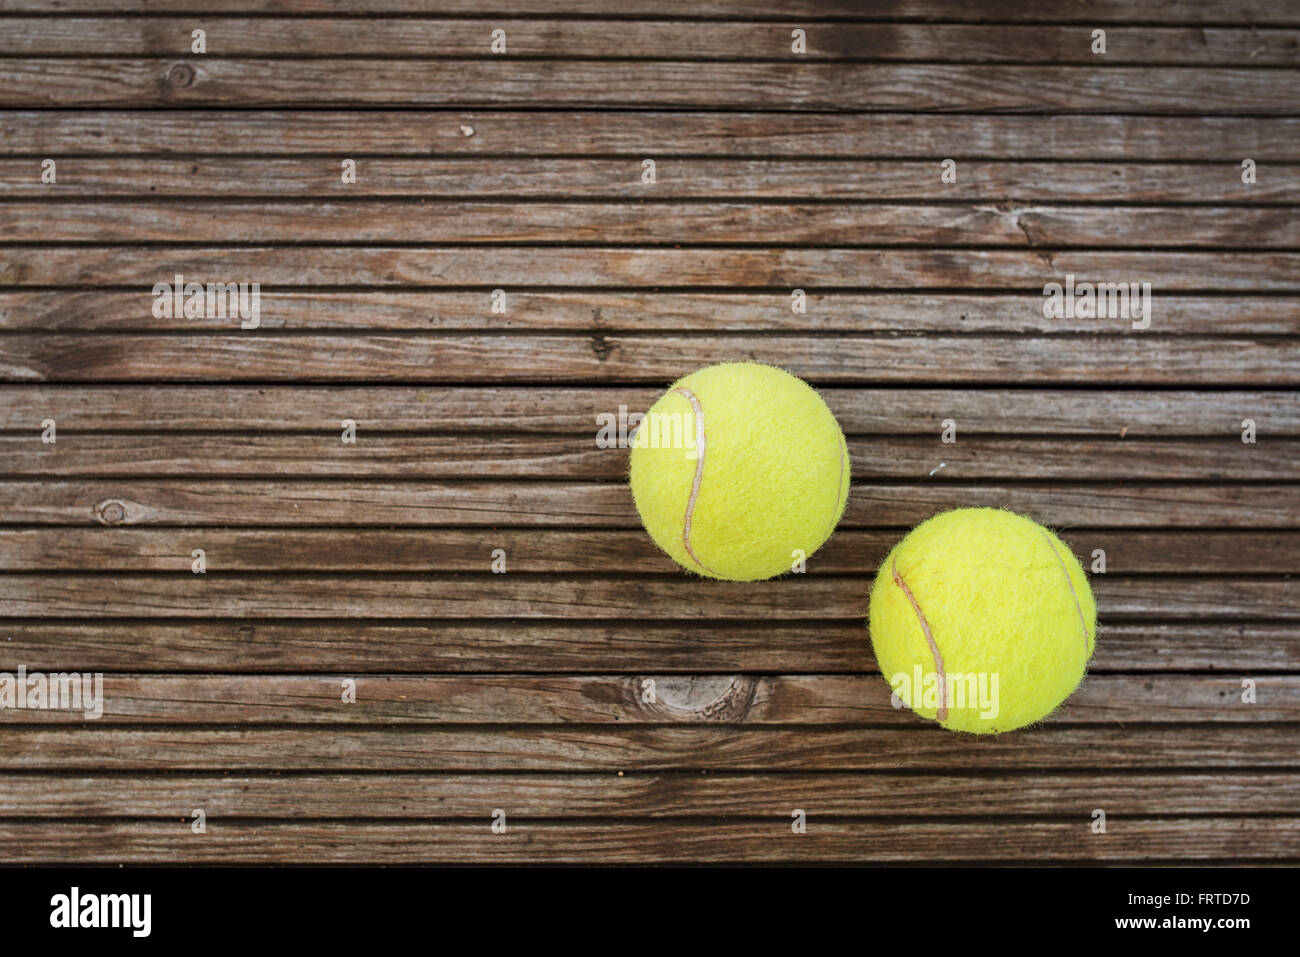 Les balles de tennis sur fond de bois Photo Stock